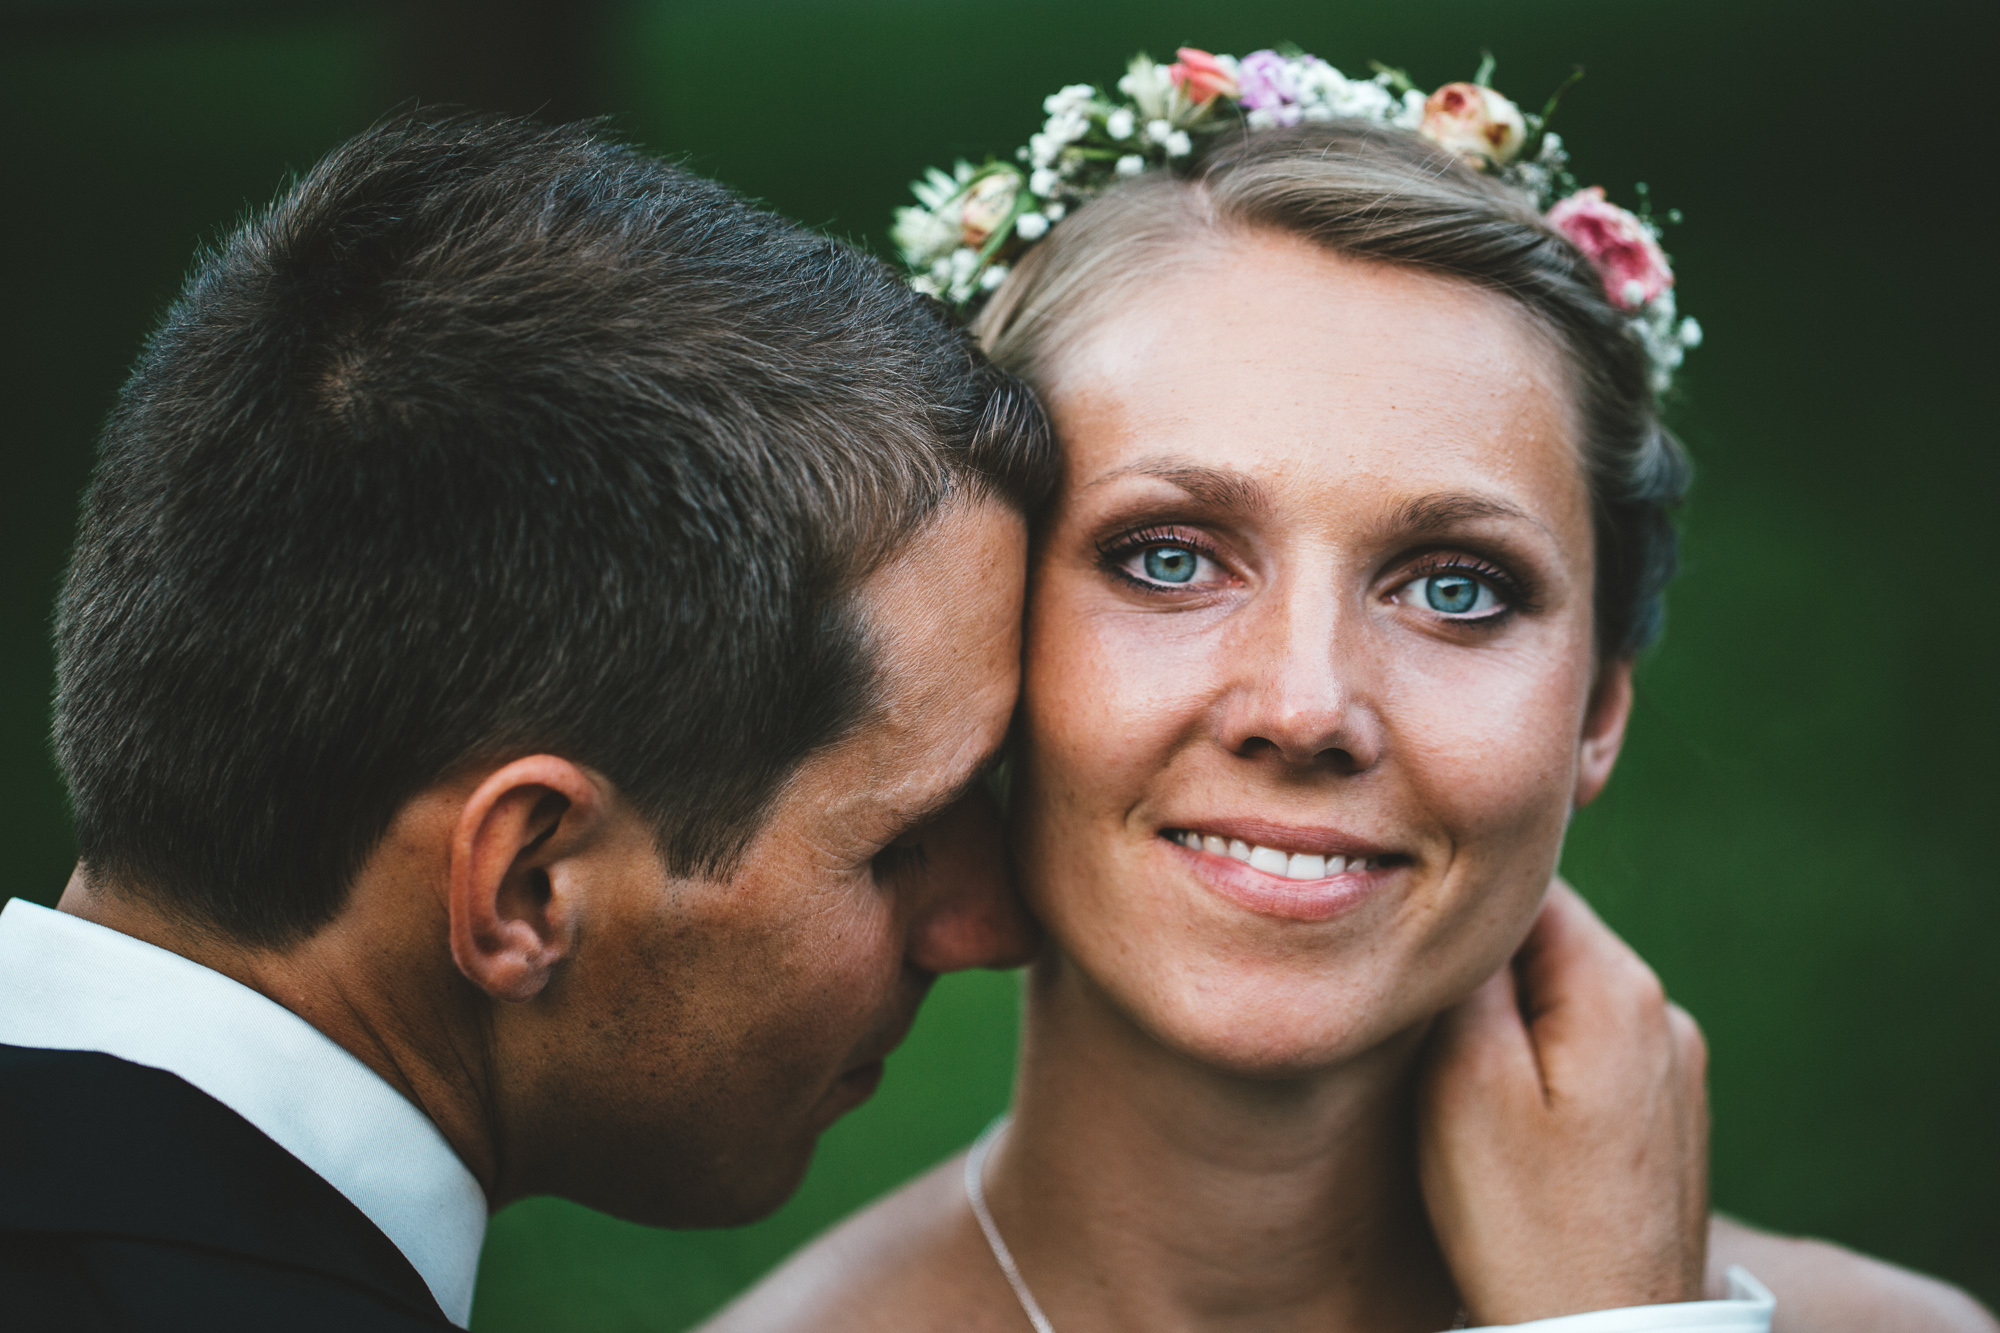 annethomas 403 - Hochzeit im wunderschönen Ladenburg in Eichenstolz